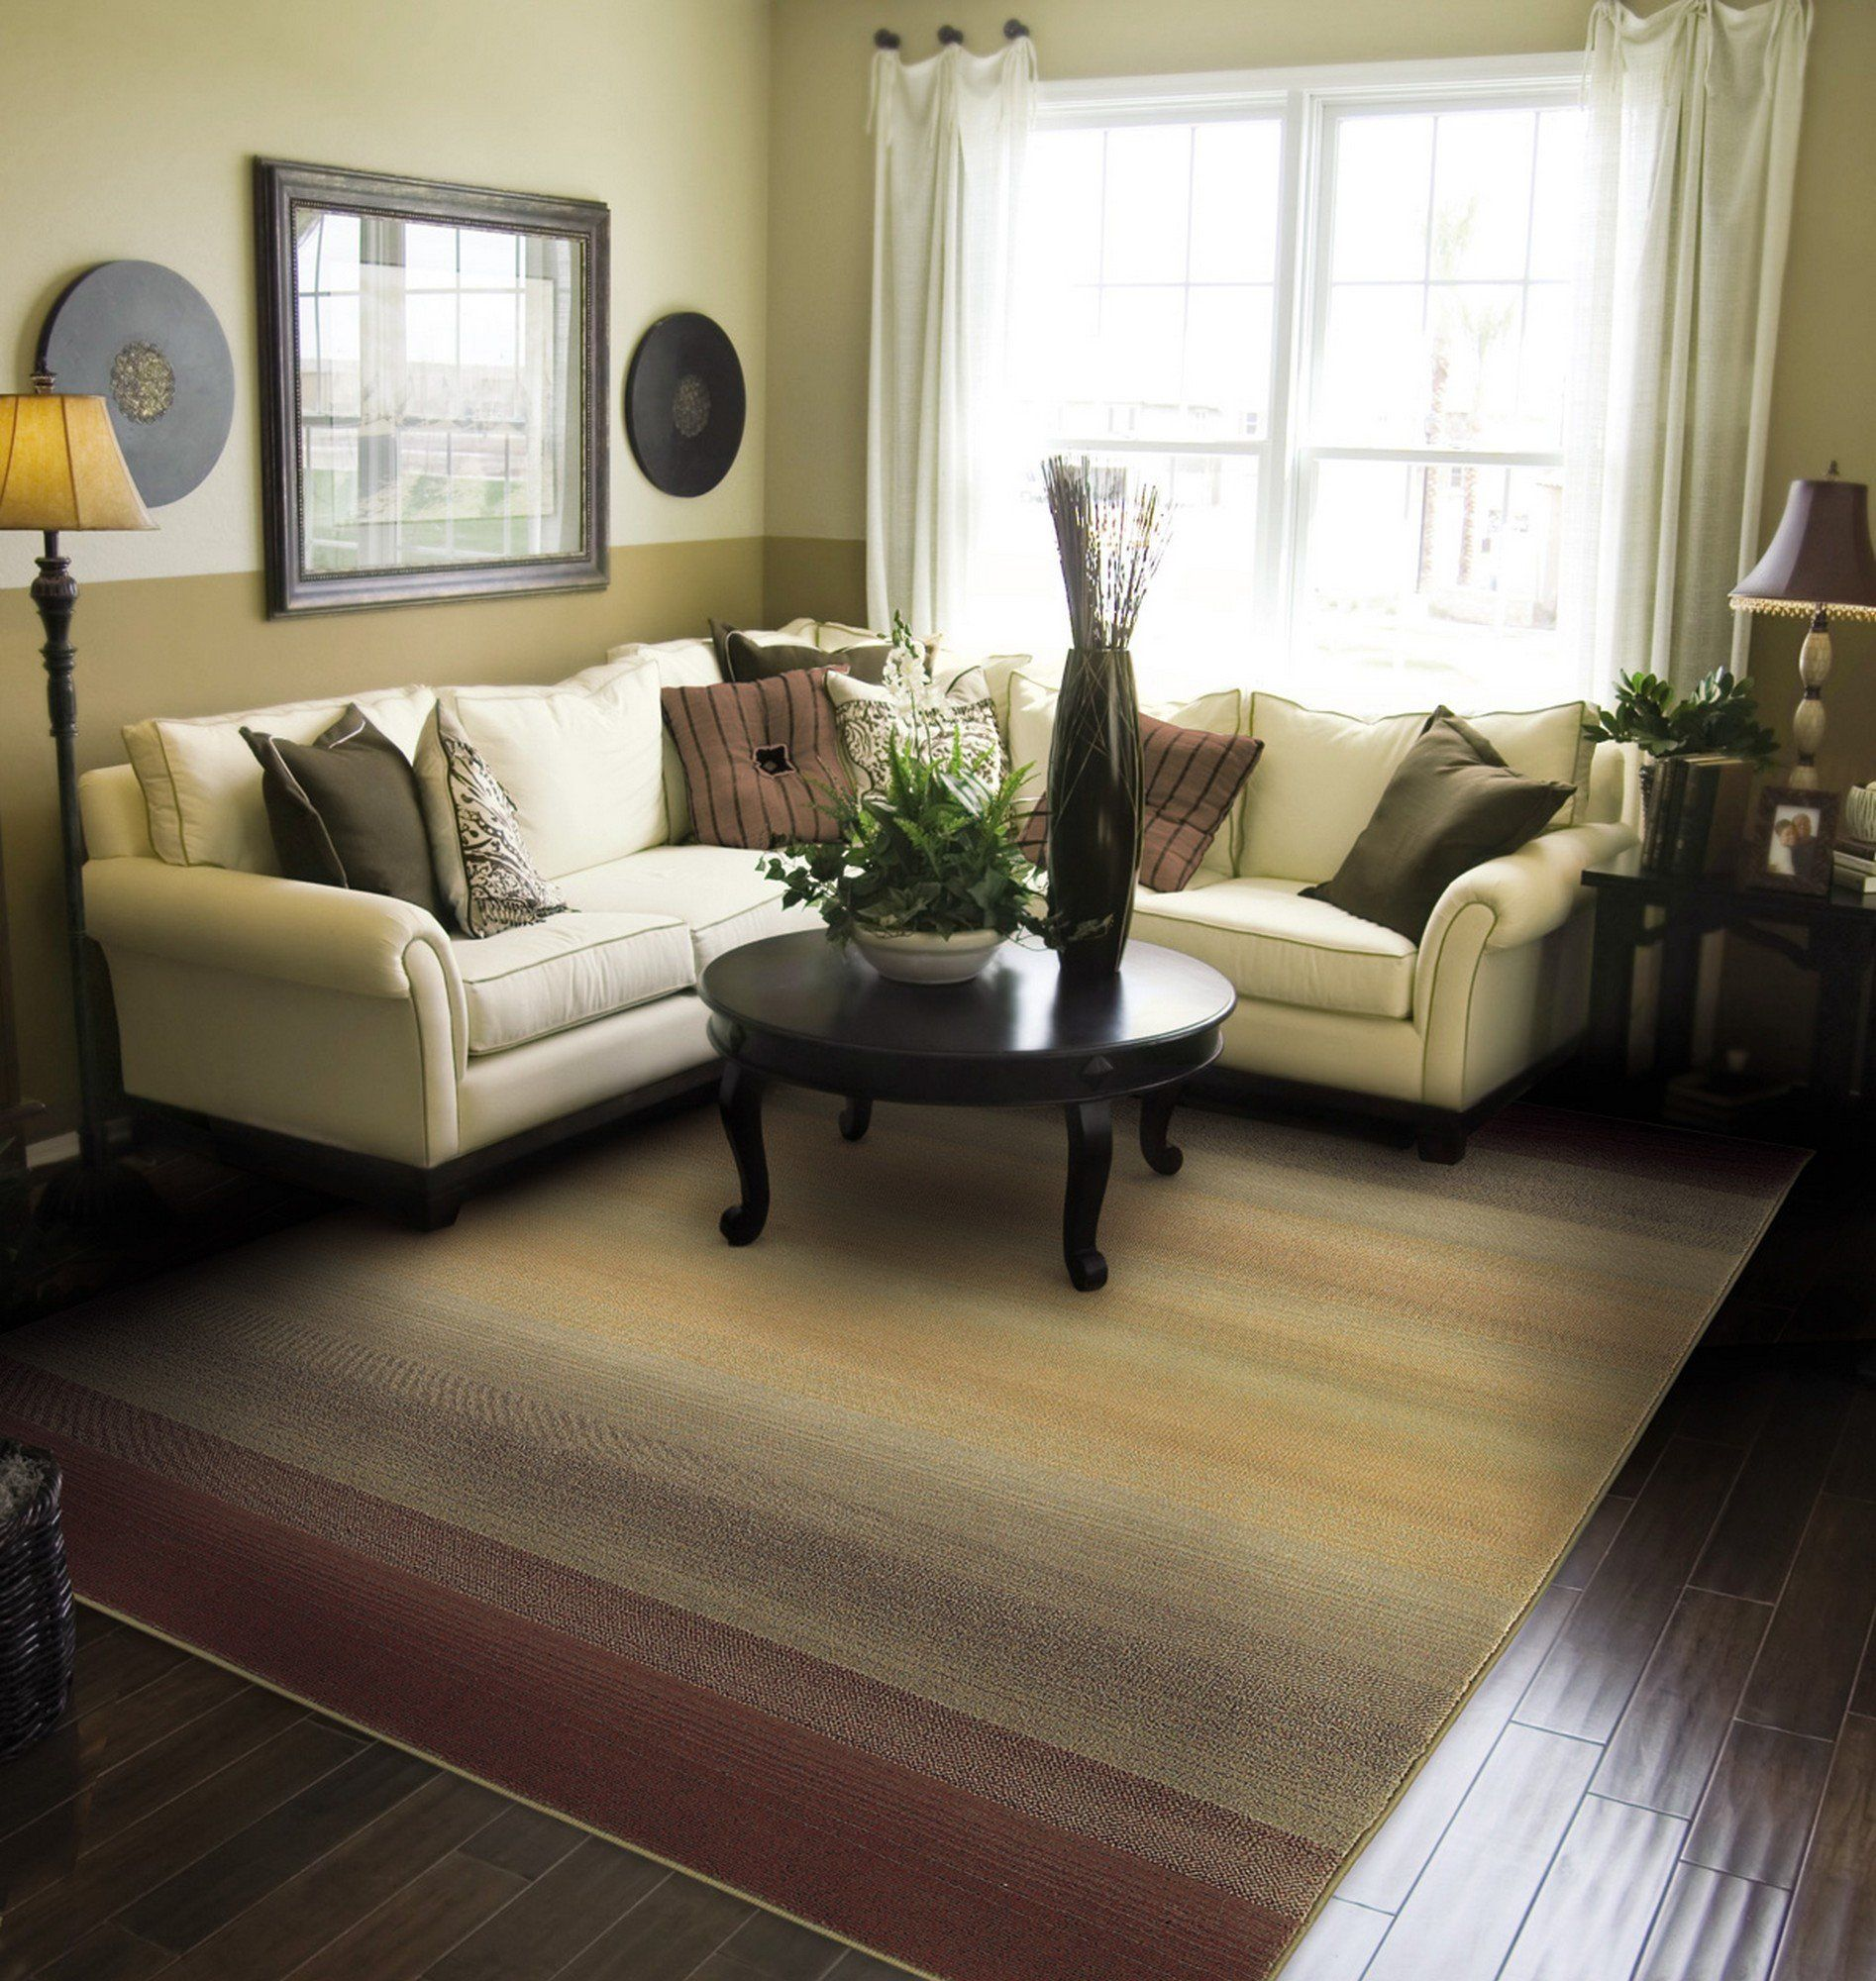 Types Of Kitchen Flooring Ideas: Matilda Brown/Beige Area Rug